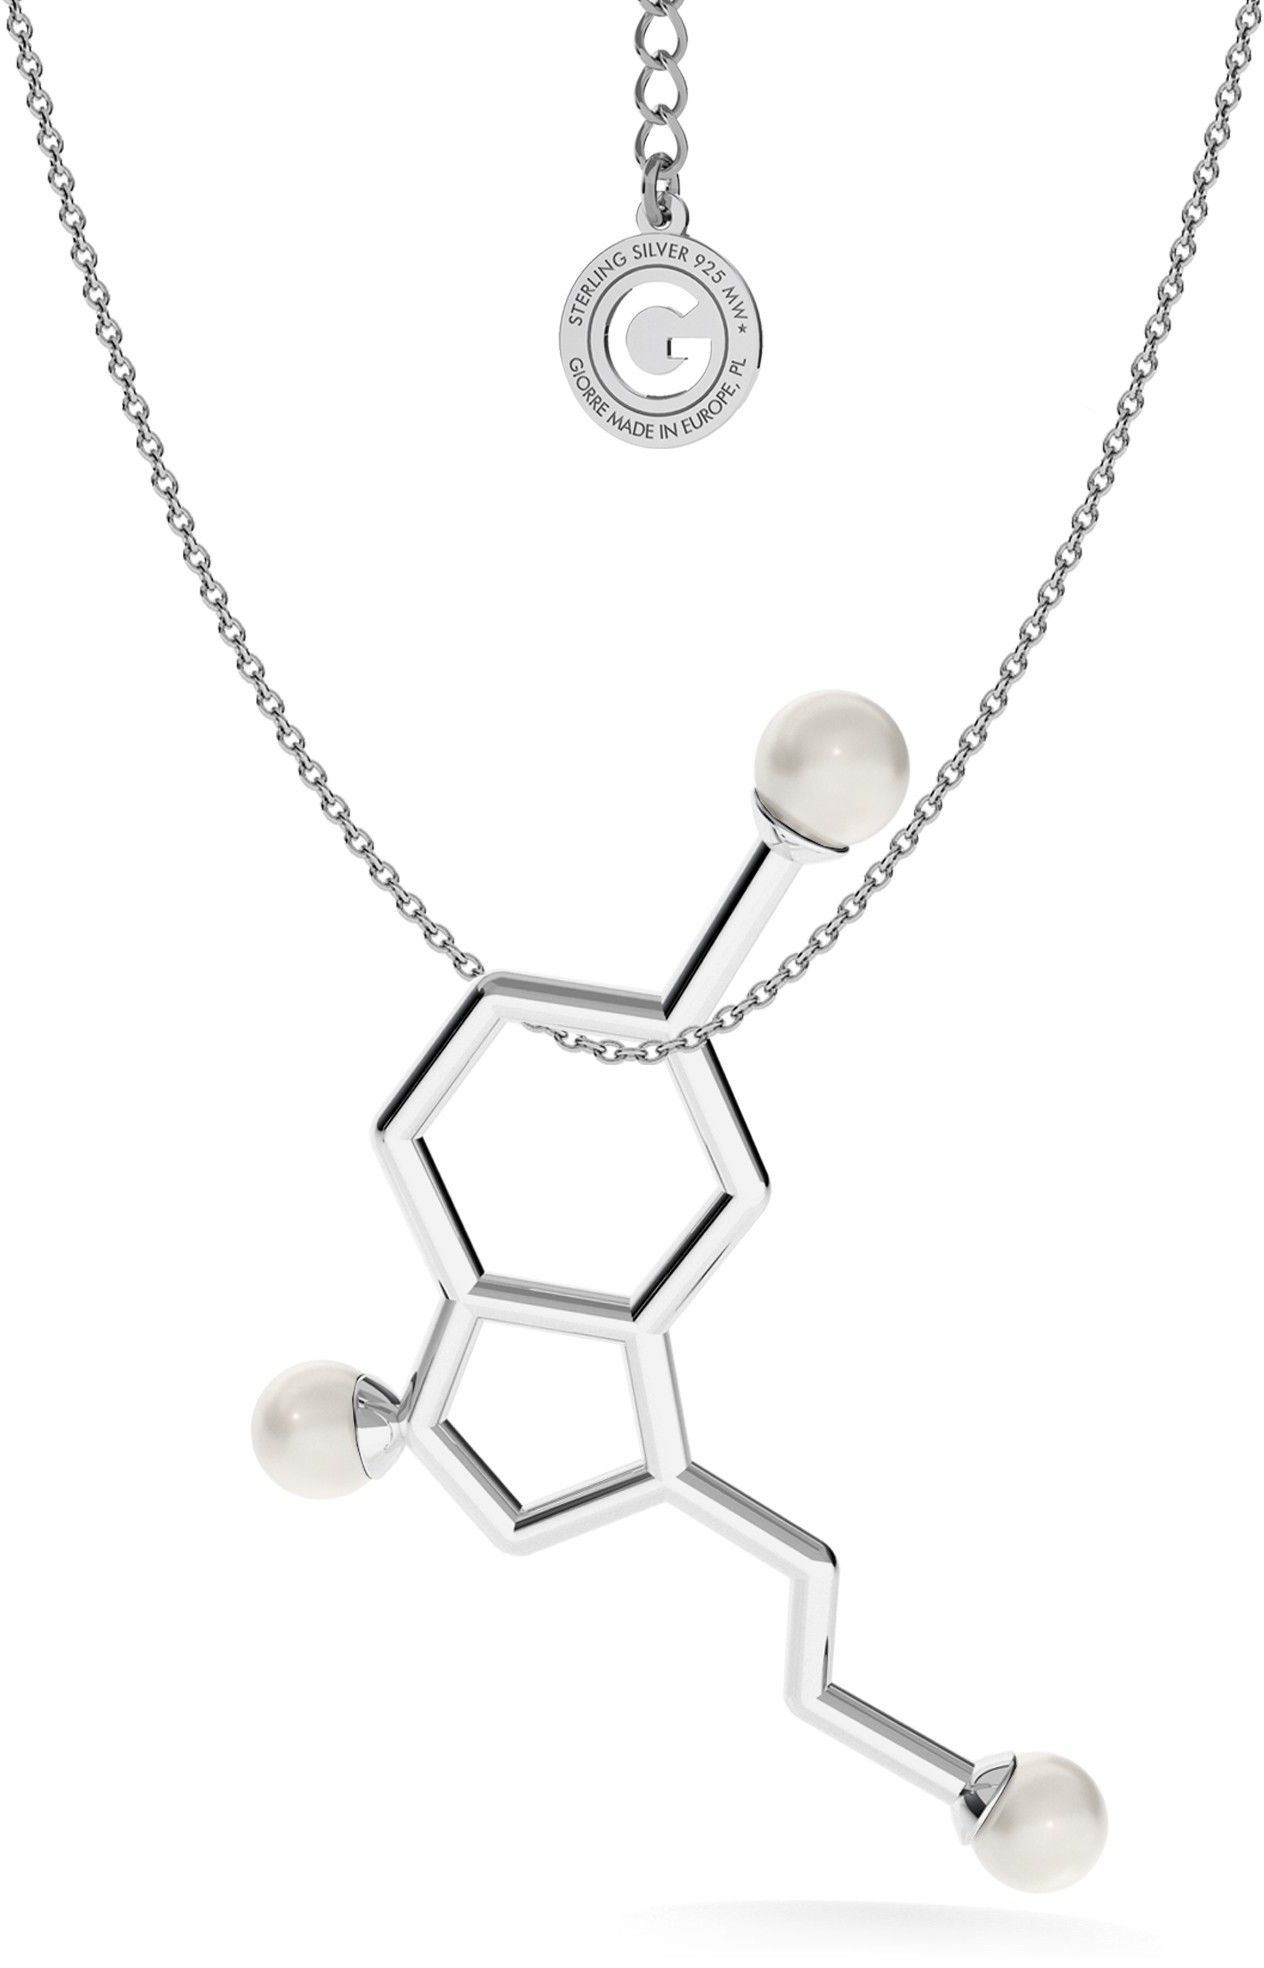 Srebrny naszyjnik - serotonina z dużymi perłami Swarovskiego, wzór chemiczny, srebro 925 : Perła - kolory - SWAROVSKI WHITE, Srebro - kolor pokrycia - Pokrycie platyną